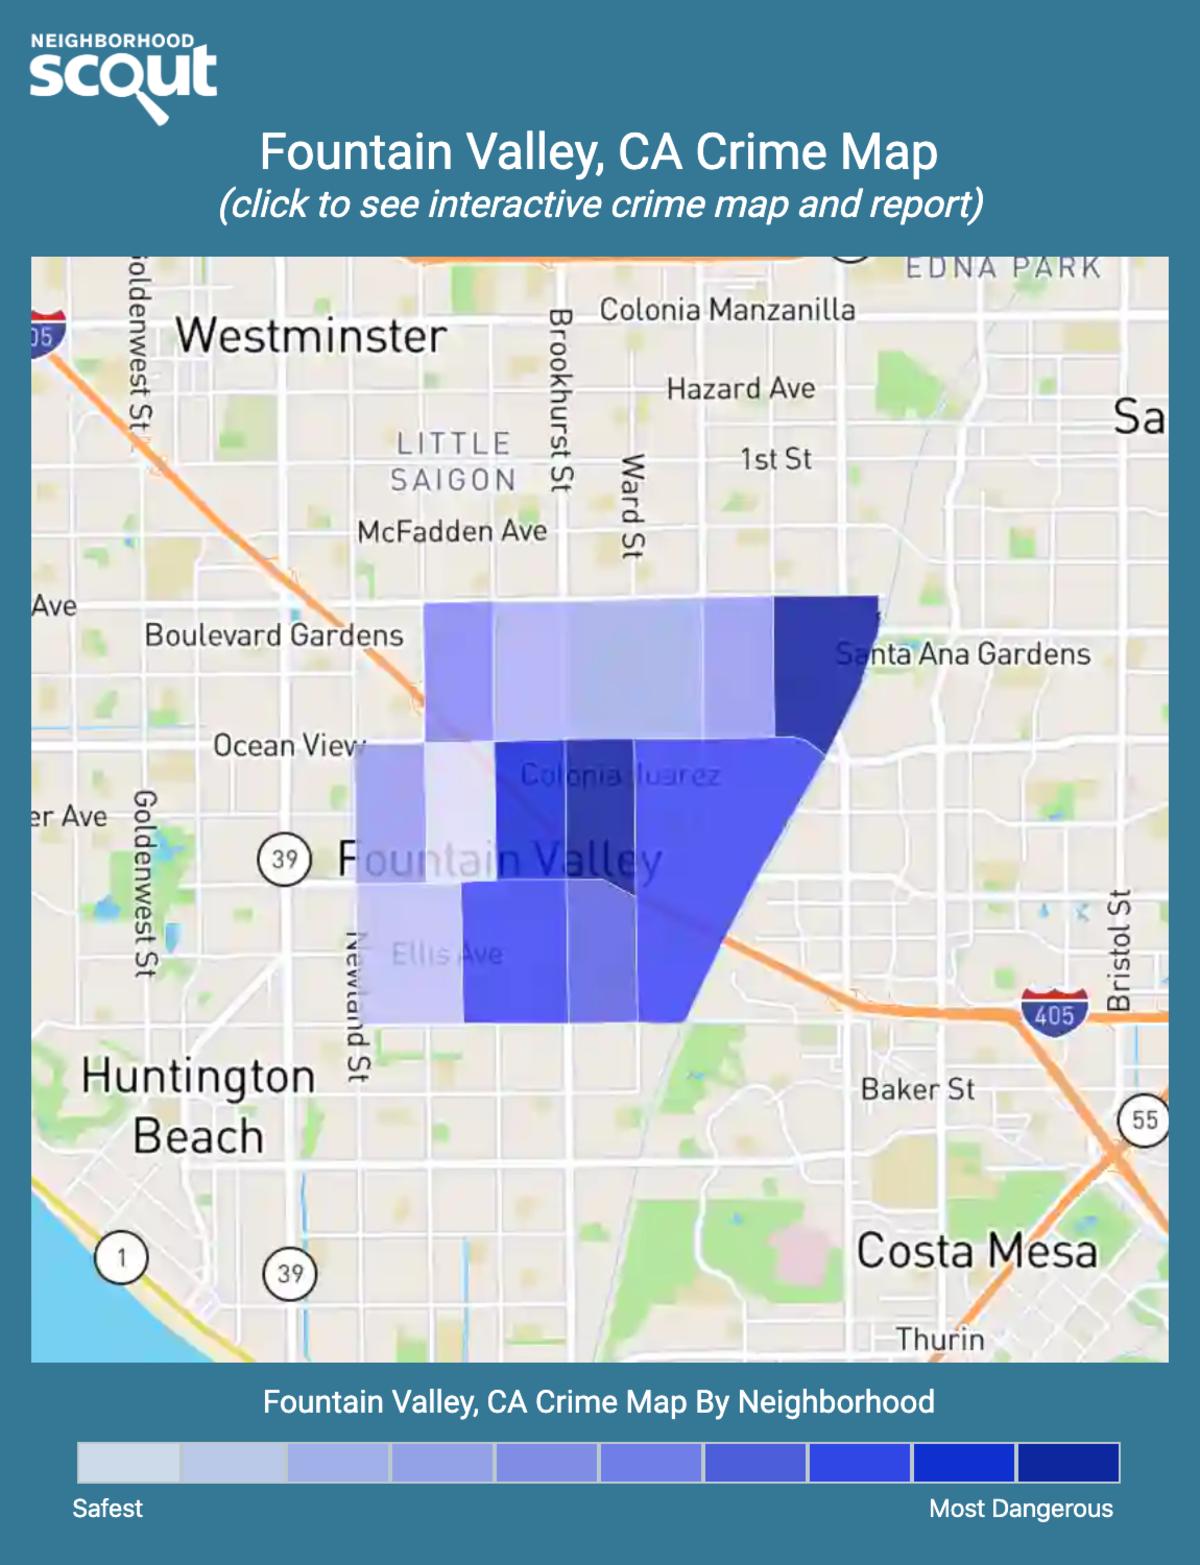 Fountain Valley, California crime map